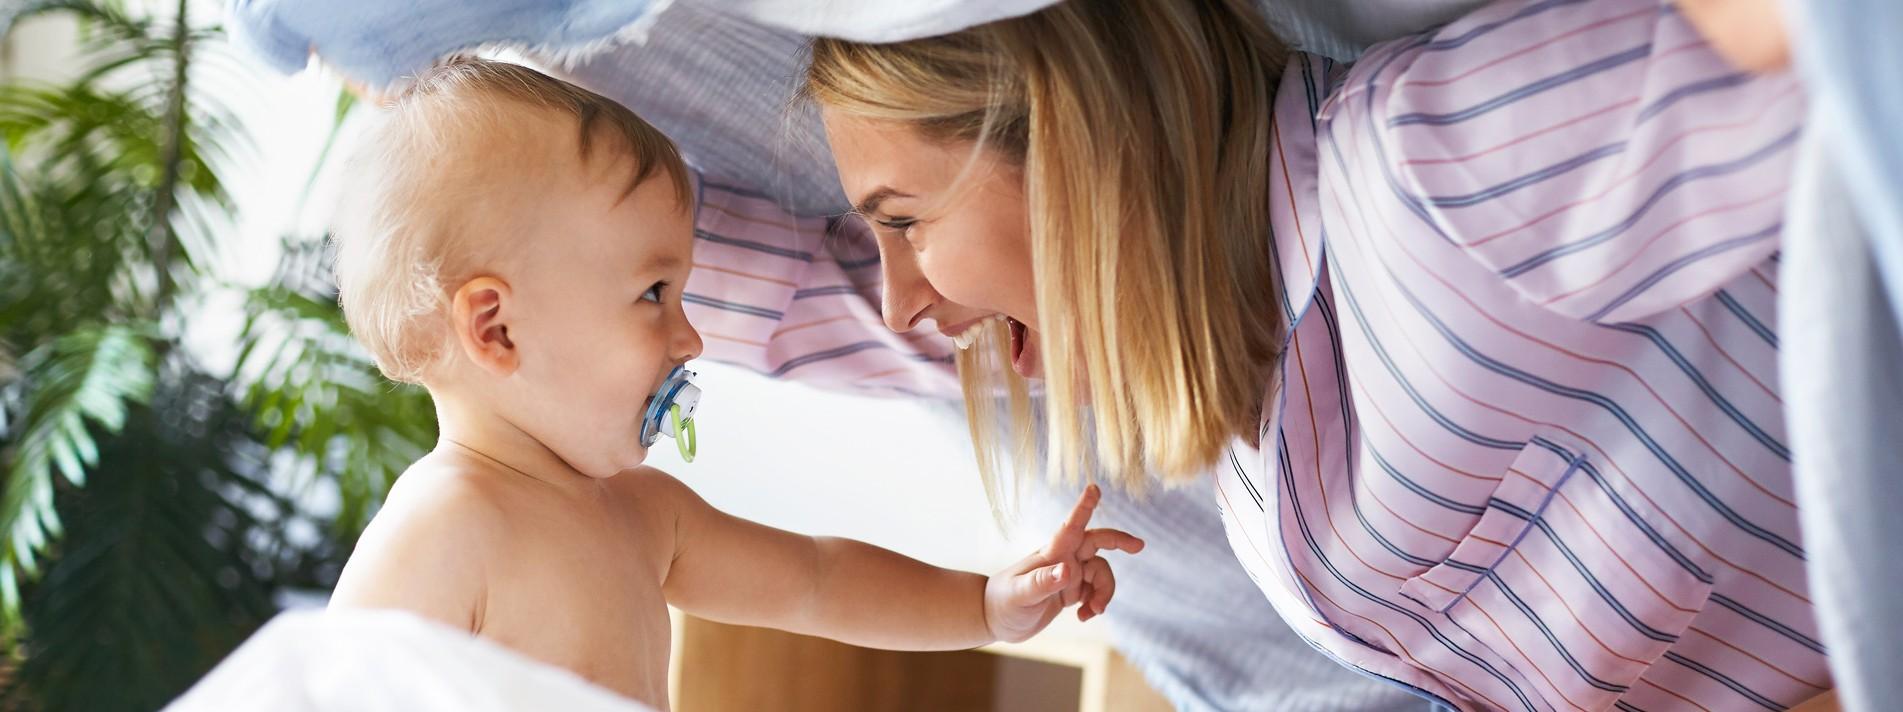 Mutter mit Baby spielend im Bett